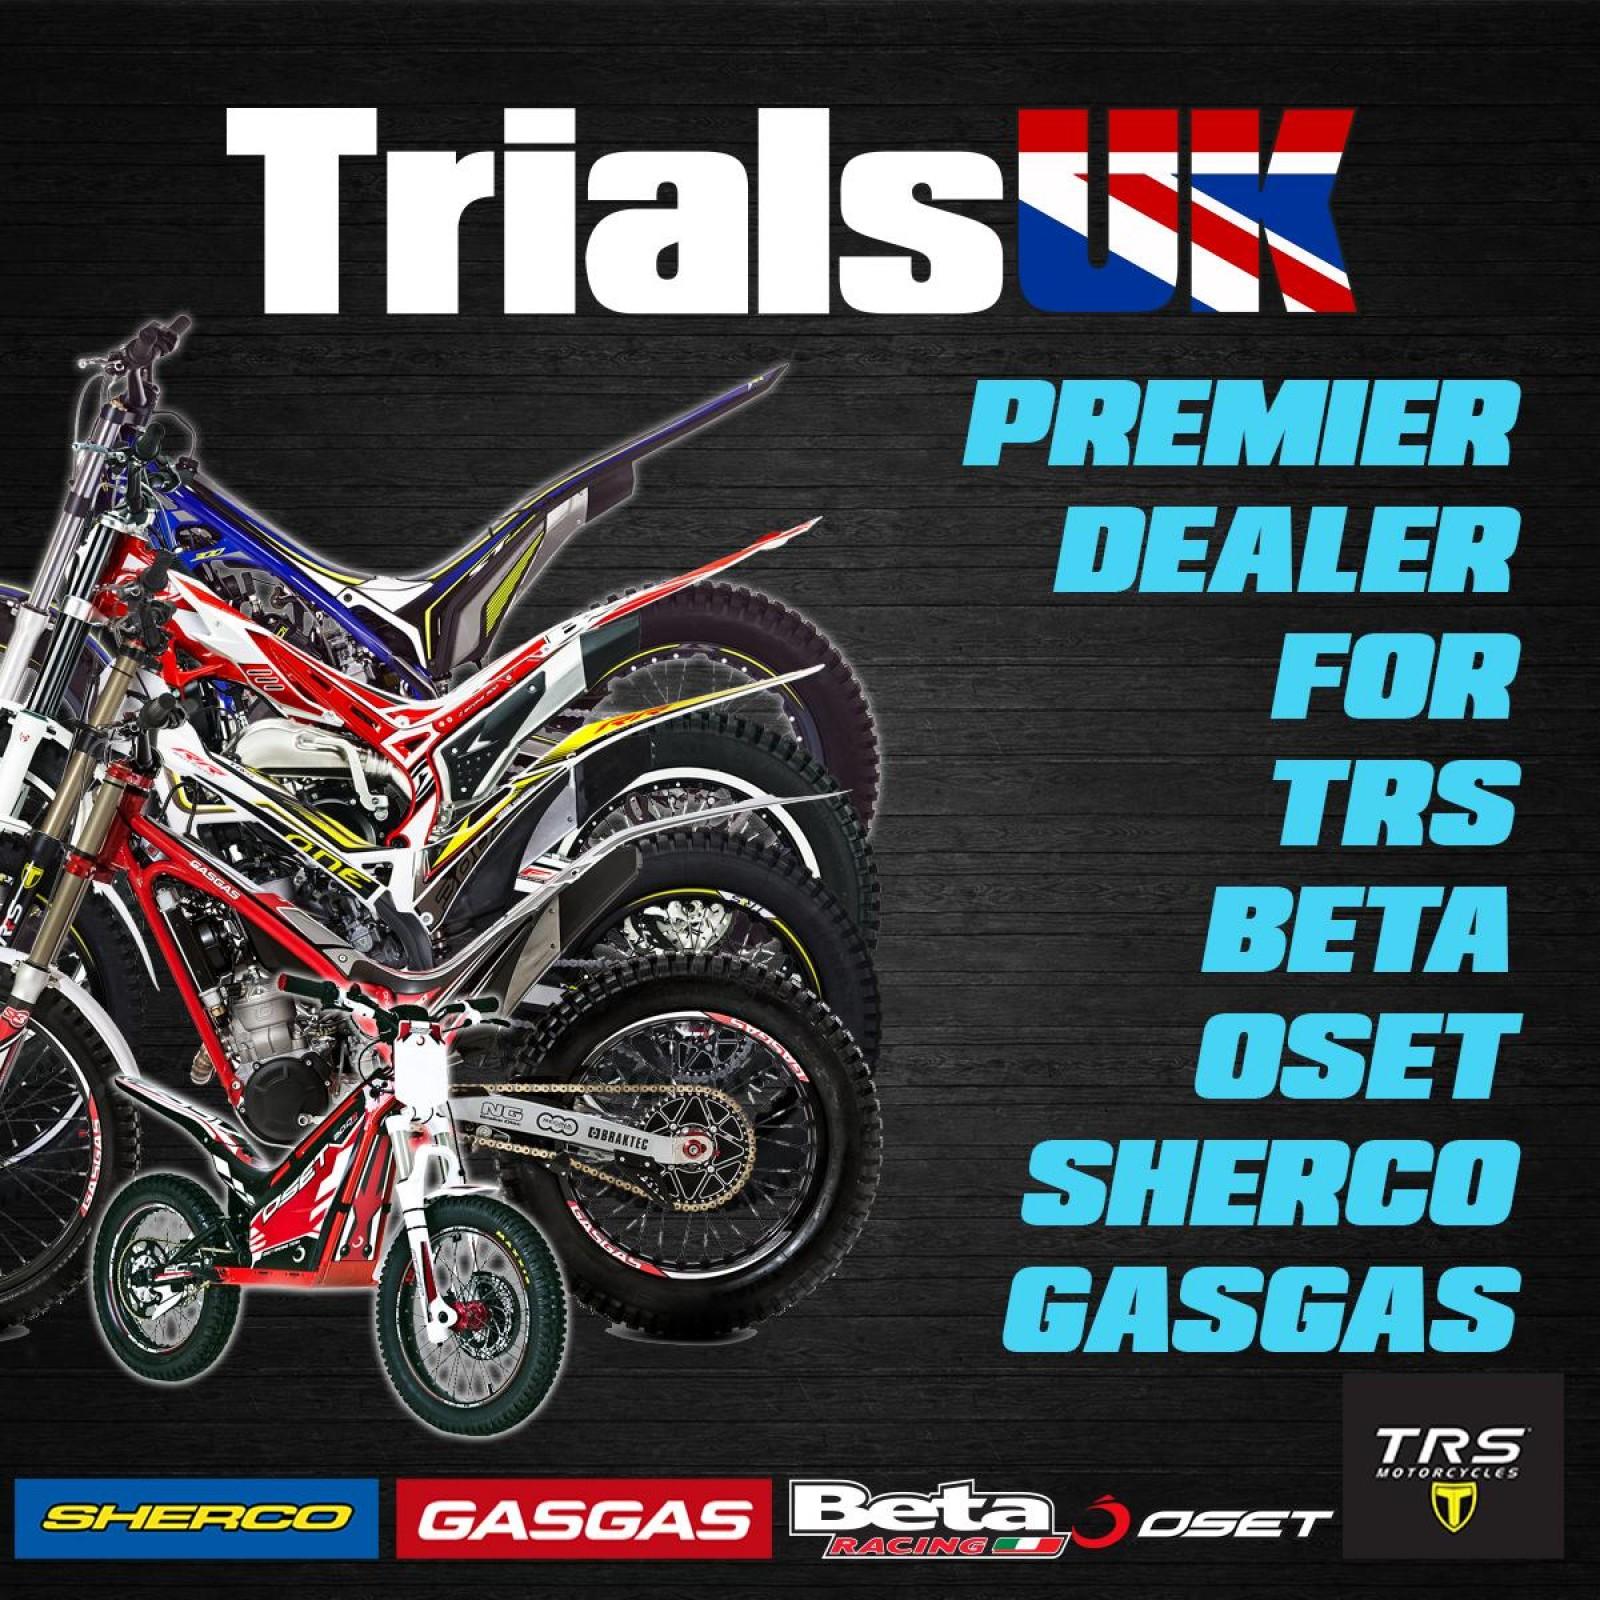 Trials Uk Tubeless Tyre Puncture Repair Kit